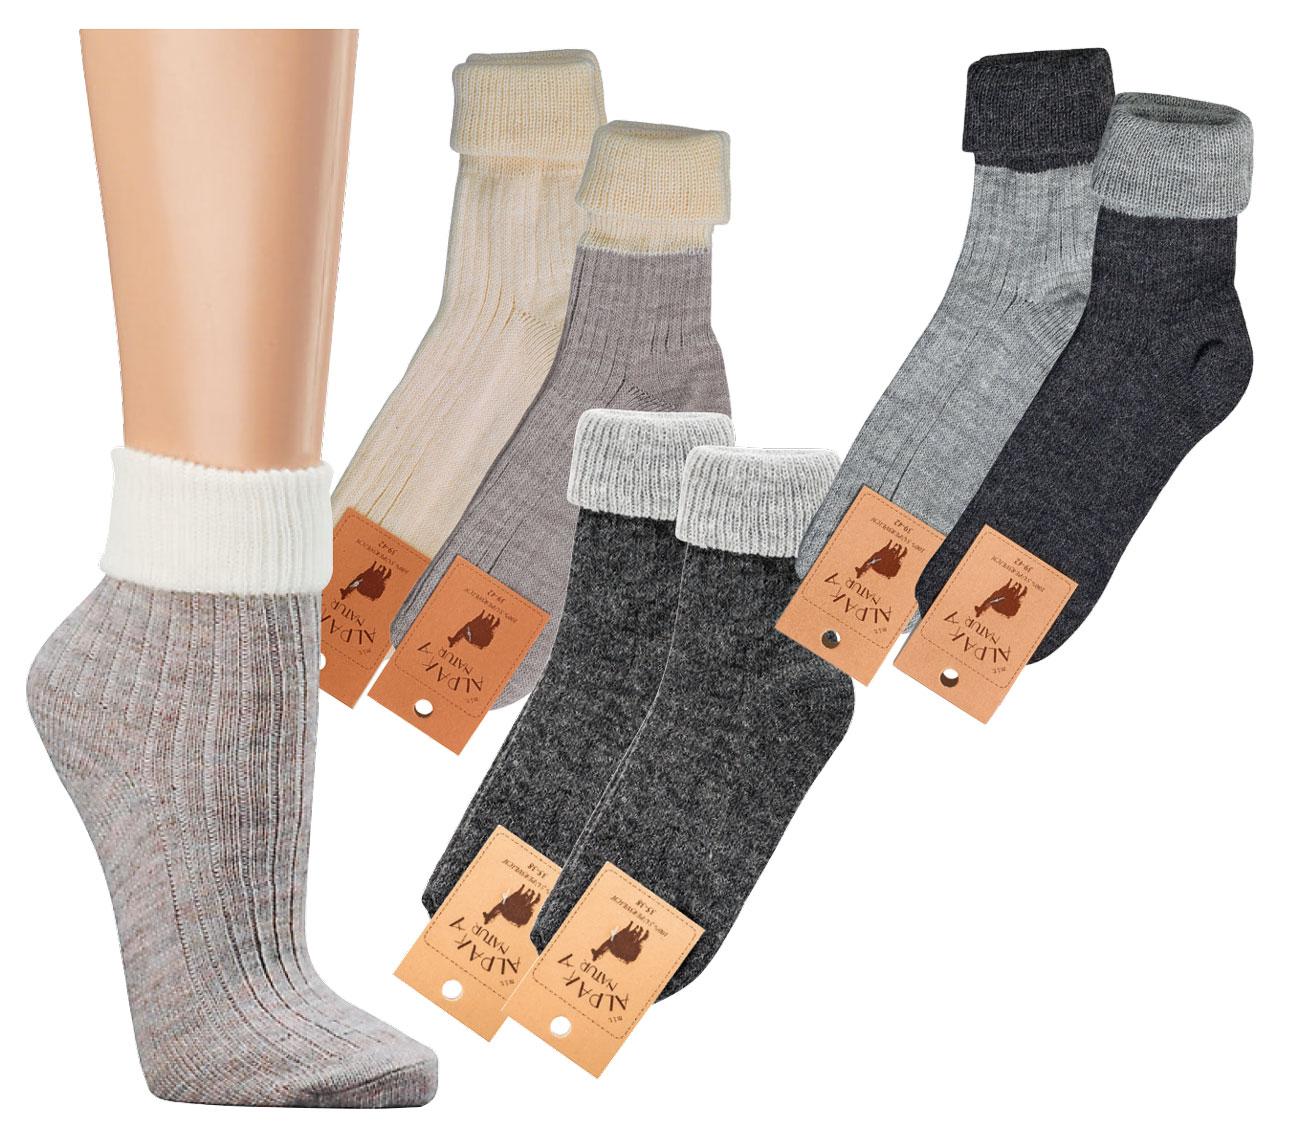 Sonderangebot Premium-Auswahl präsentieren Umschlag-Socken mit Alpaka Wolle